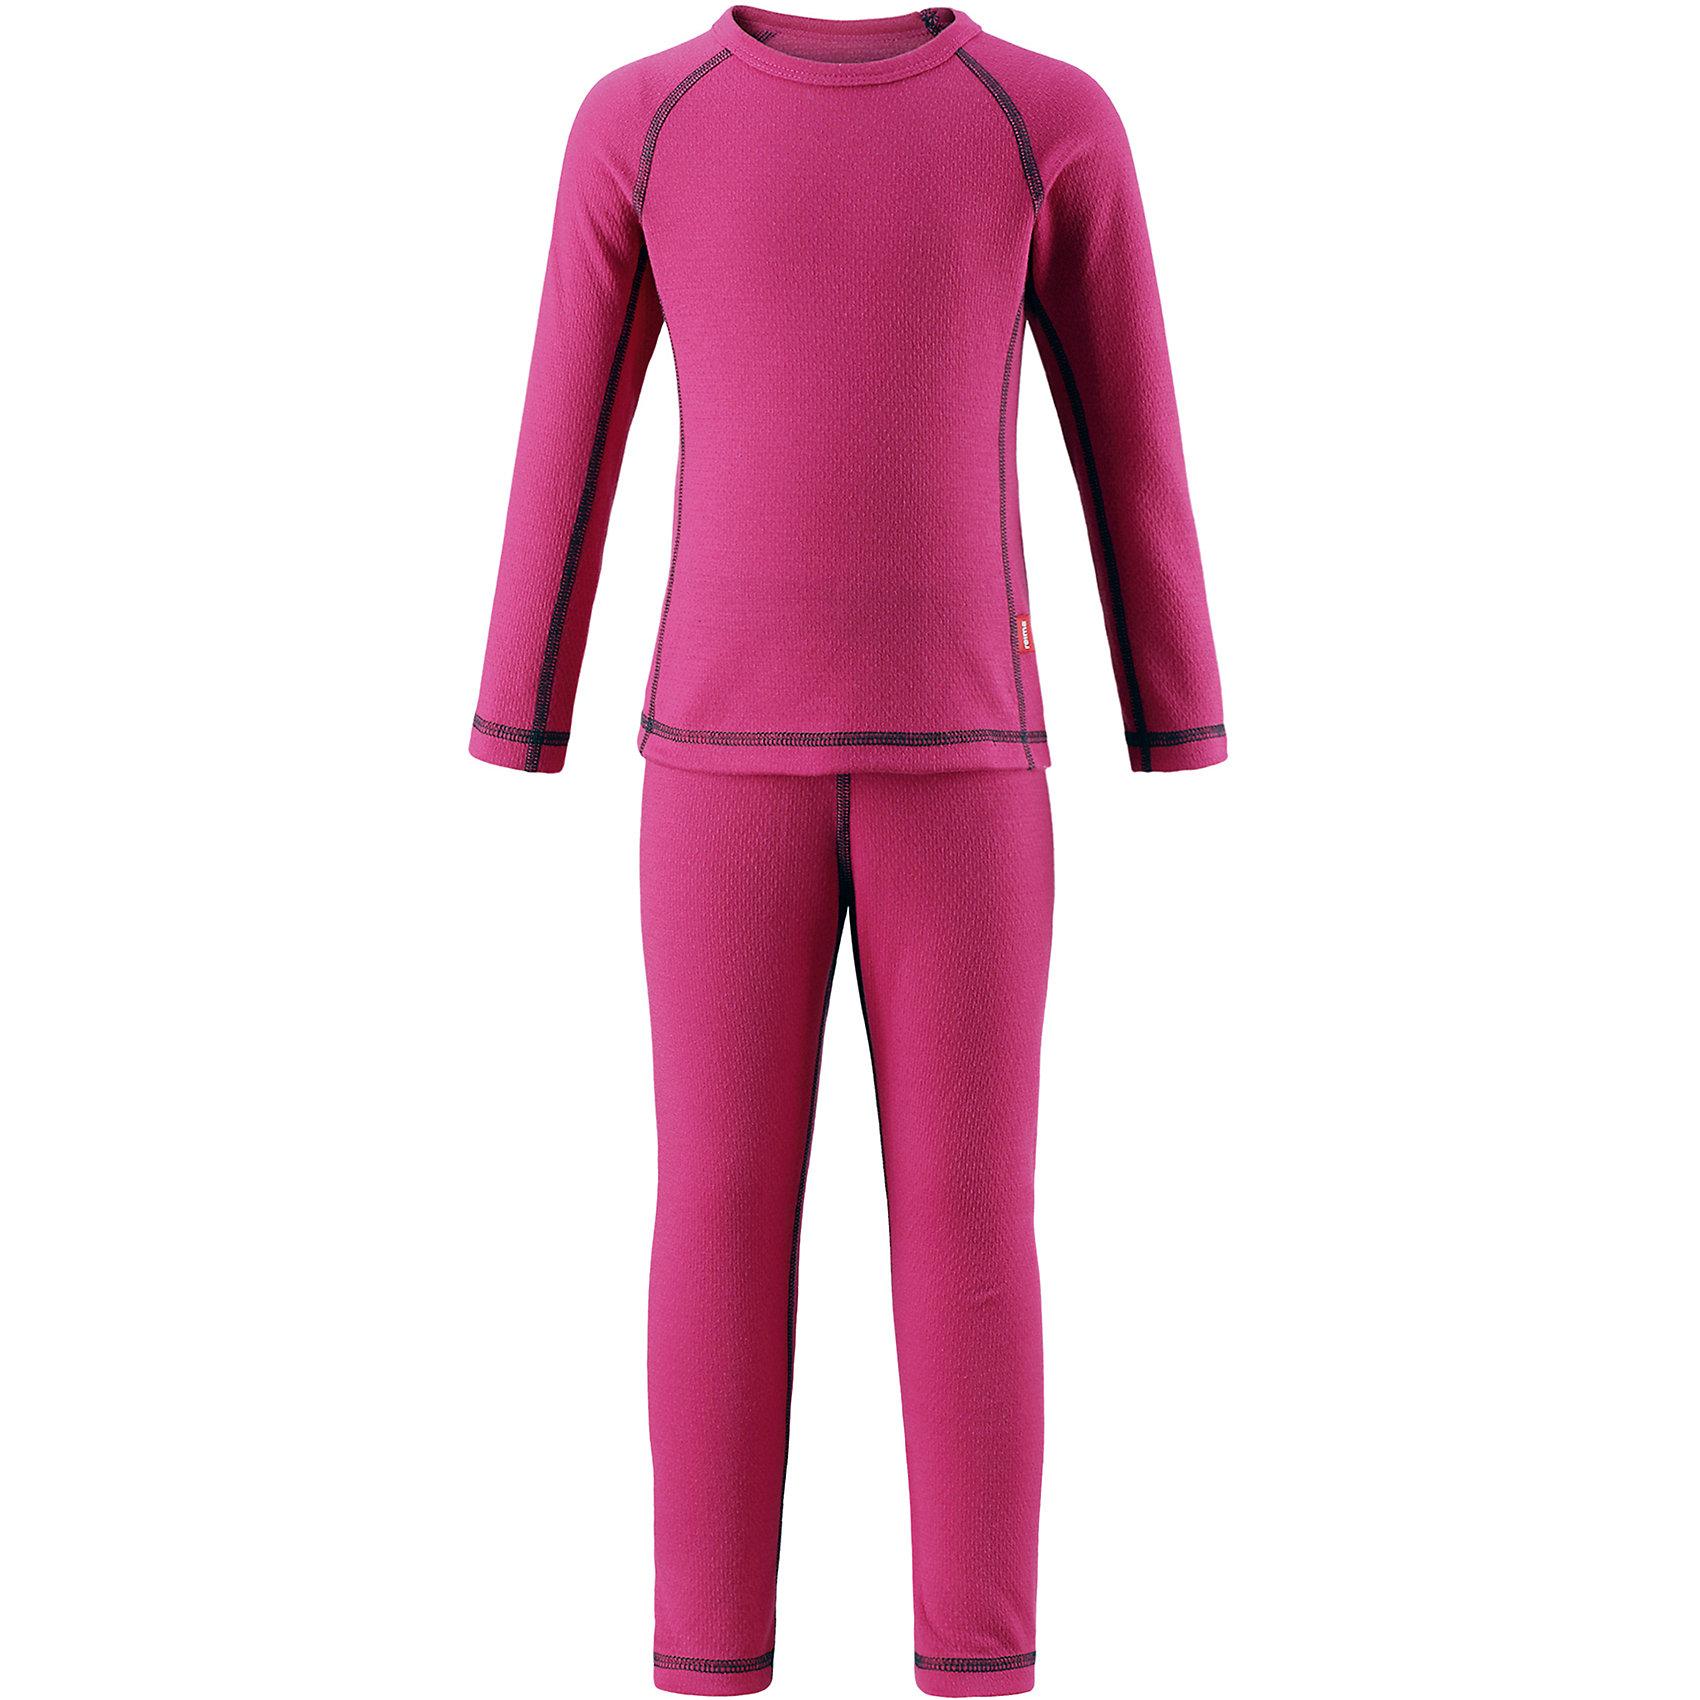 Комплект нижнего белья Reima LaniФлис и термобелье<br>Характеристики товара:<br><br>• цвет: розовый;<br>• состав: 43% полиэстер termolite, 53% полиэстер, 4% полиэстер sorona; <br>• сезон: демисезон;<br>• теплый материал Thermolite® отводит влагу и сохраняет кожу сухой и приятной, создавая чувство комфорта;<br>• мягкие плоские швы для дополнительного комфорта: не раздражают кожу;<br>• эластичная талия;<br>• удлиненный подол сзади;<br>• страна бренда: Финляндия;<br>• страна изготовитель: Китай;<br><br>Благодаря практичному детскому базовому комплекту, Ваш ребенок может гулять и заниматься спортом в любую погоду. В этом комплекте ребенку будет сухо и тепло, ведь материал Thermolite®, из которого он сшит, эффективно отводит влагу от кожи в верхний слой одежды. Комплект очень удобный и приятный на ощупь, а тонкие плоские швы в замок не натирают кожу. Удлиненная спинка хорошо закрывает и дополнительно защищает поясницу, а лёгкая эластичная резинка на манжетах удобно облегает запястья. <br><br>Комплект нижнего белья Lani Reima (Рейма) можно купить в нашем интернет-магазине.<br><br>Ширина мм: 196<br>Глубина мм: 10<br>Высота мм: 154<br>Вес г: 152<br>Цвет: розовый<br>Возраст от месяцев: 84<br>Возраст до месяцев: 96<br>Пол: Унисекс<br>Возраст: Детский<br>Размер: 160,80,90,100,110,120,130,140,150<br>SKU: 6904530